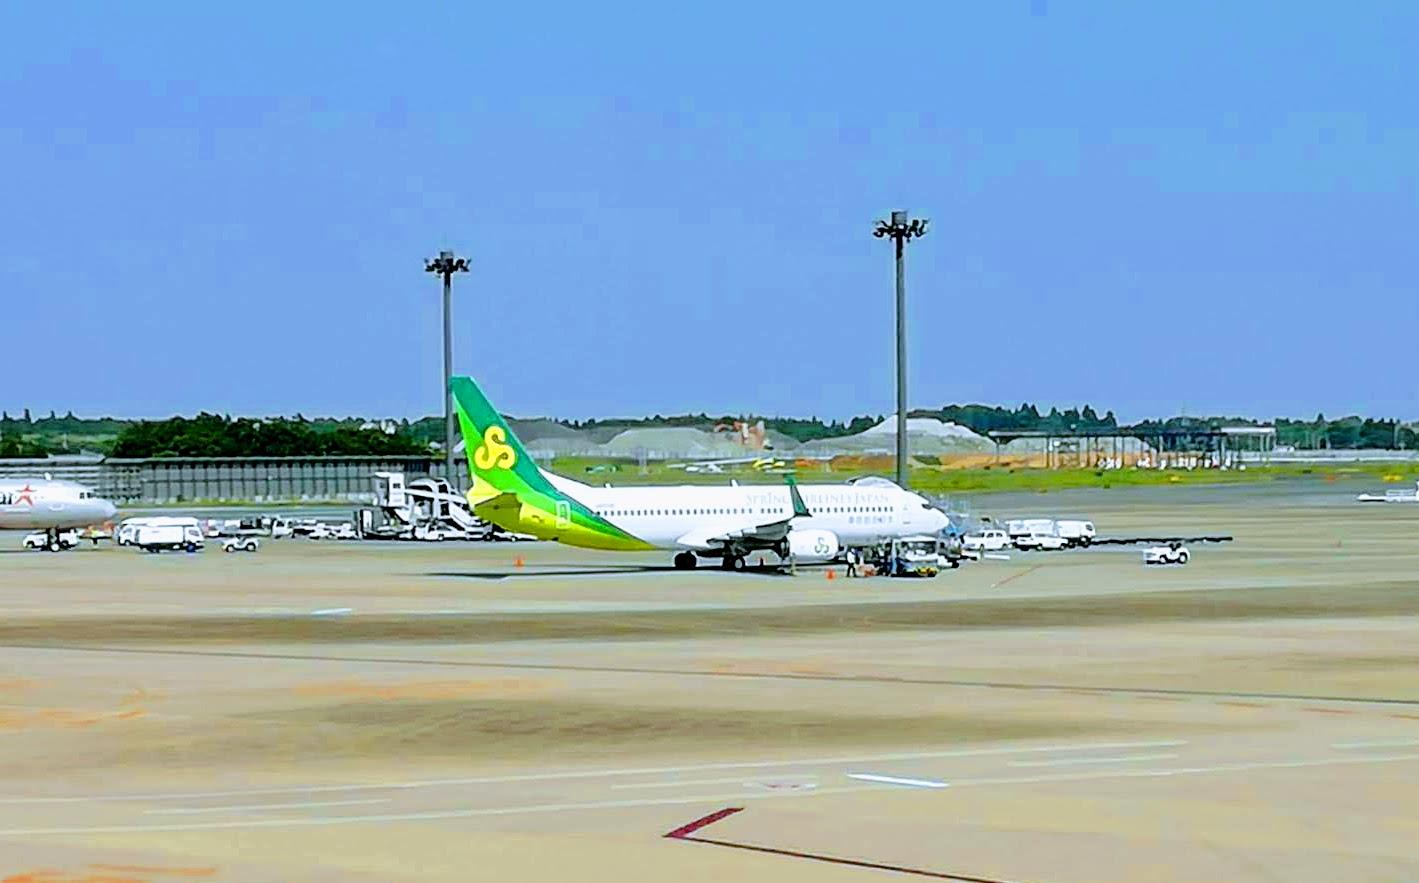 春秋航空日本】737円セールで購入した航空券で夏休み格安北海道旅行